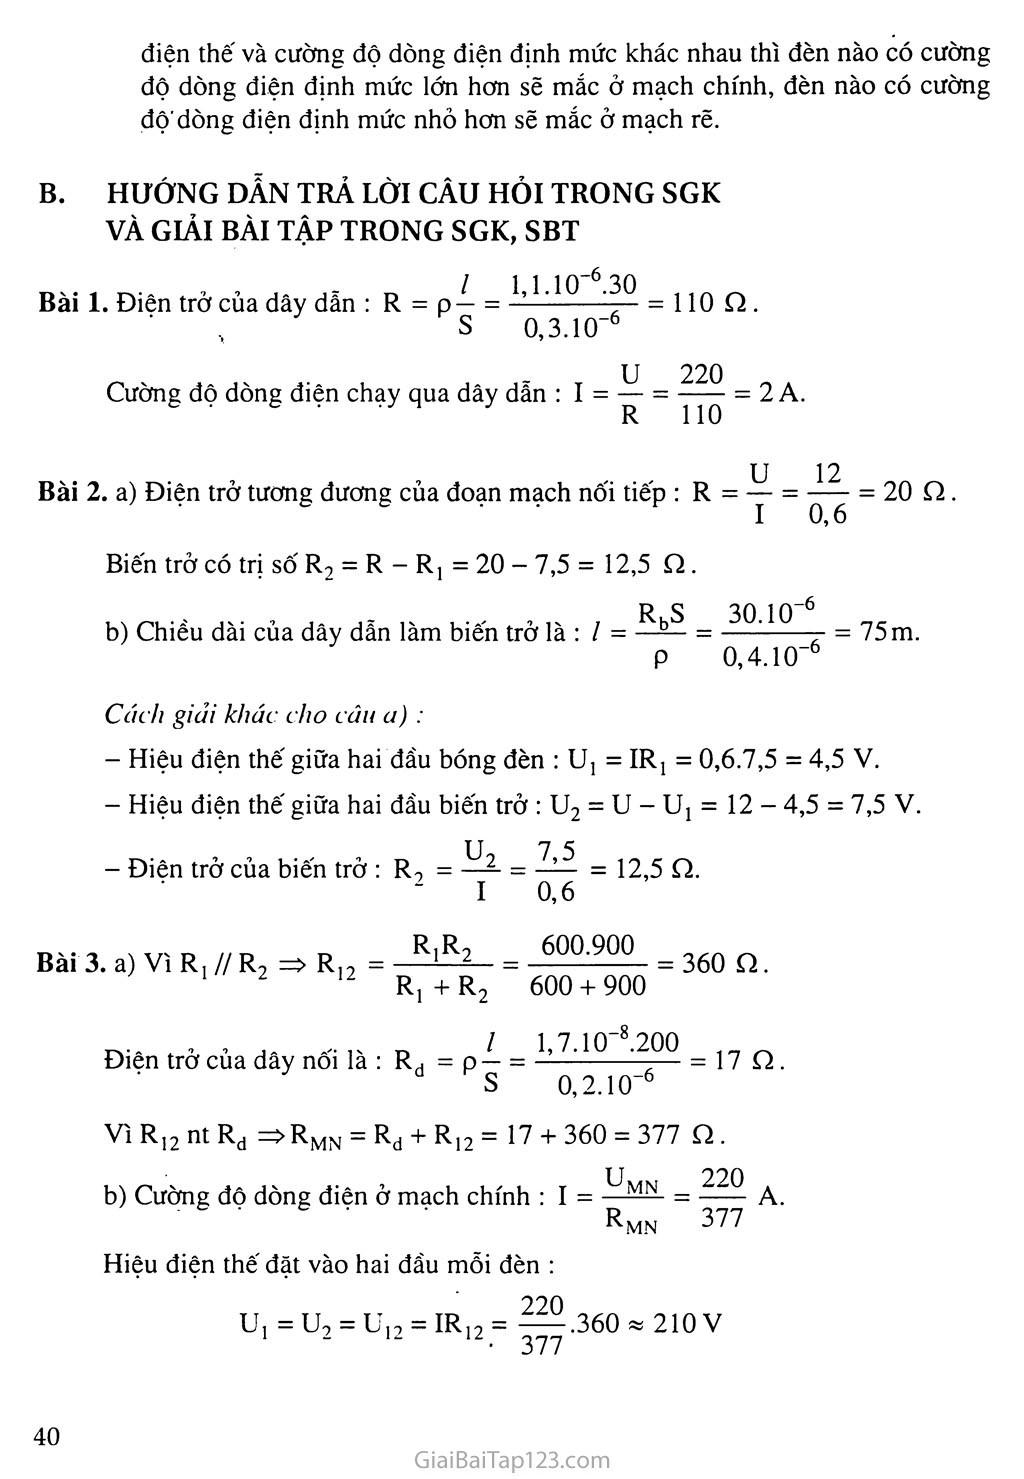 Bài 11: Bài tập vận dụng định luật Ôm và công thức tính điện trở của dây dẫn trang 2